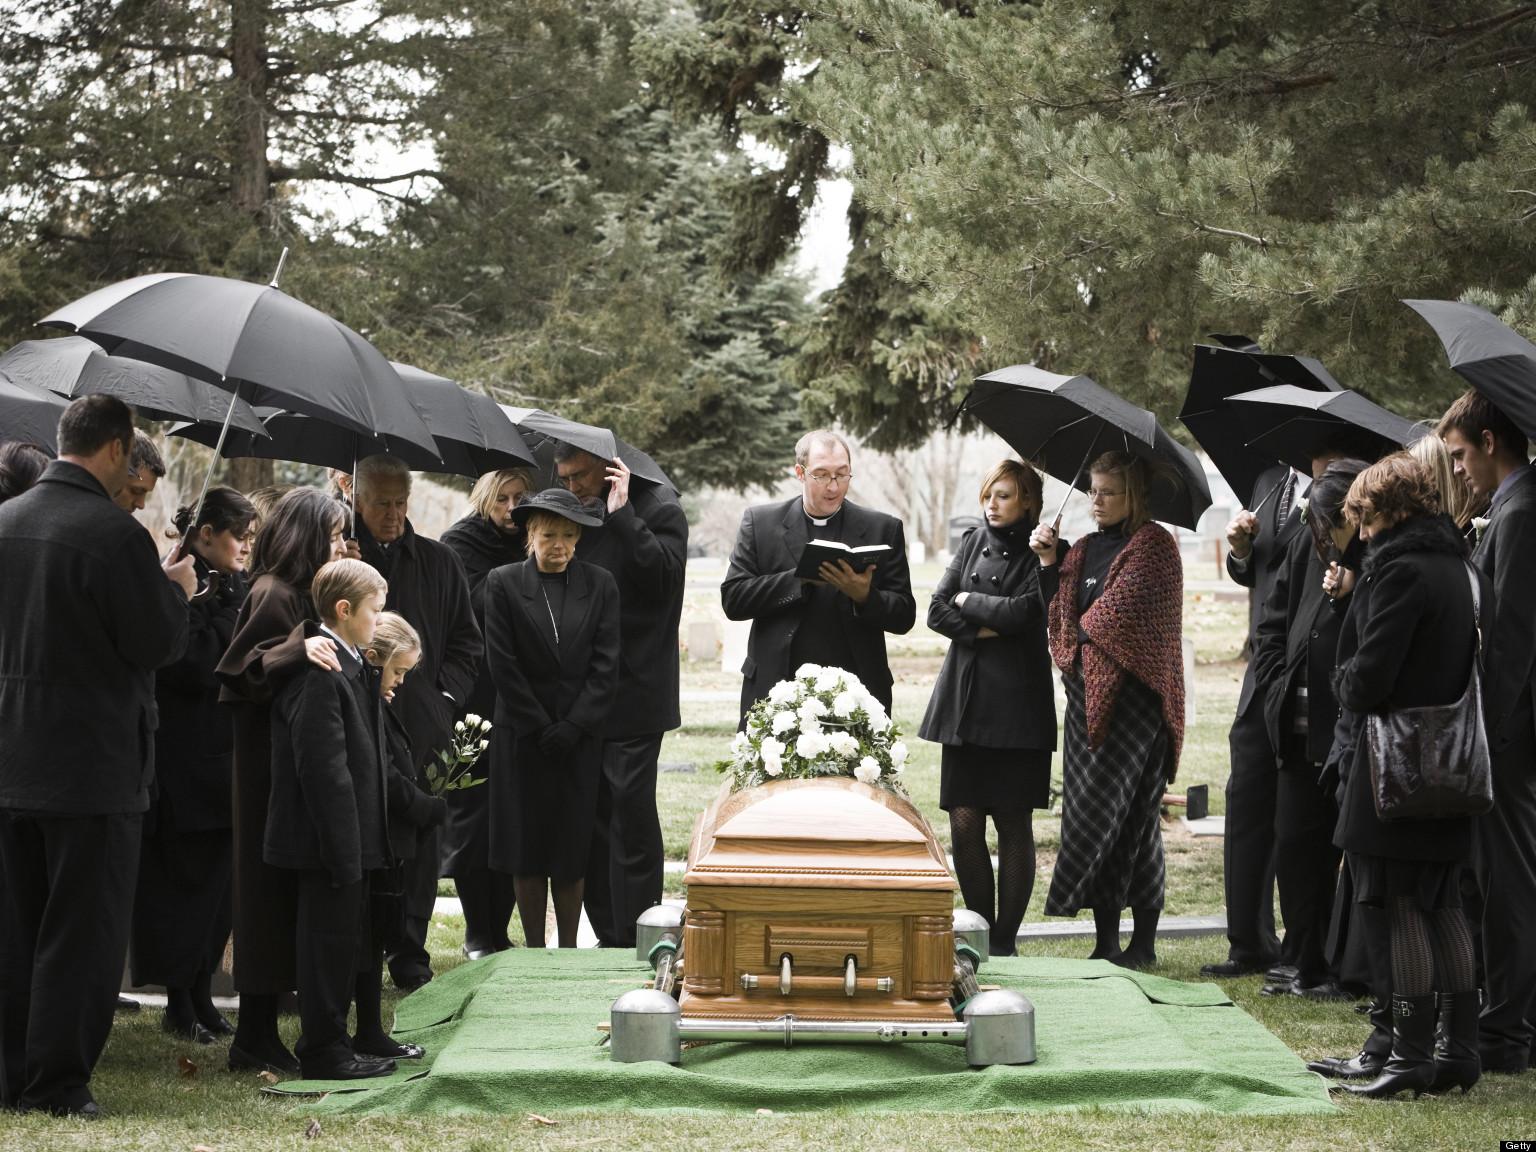 La mort : Pour en chasser la peur, il faut en parler... - Page 5 O-FUNERALS-facebook